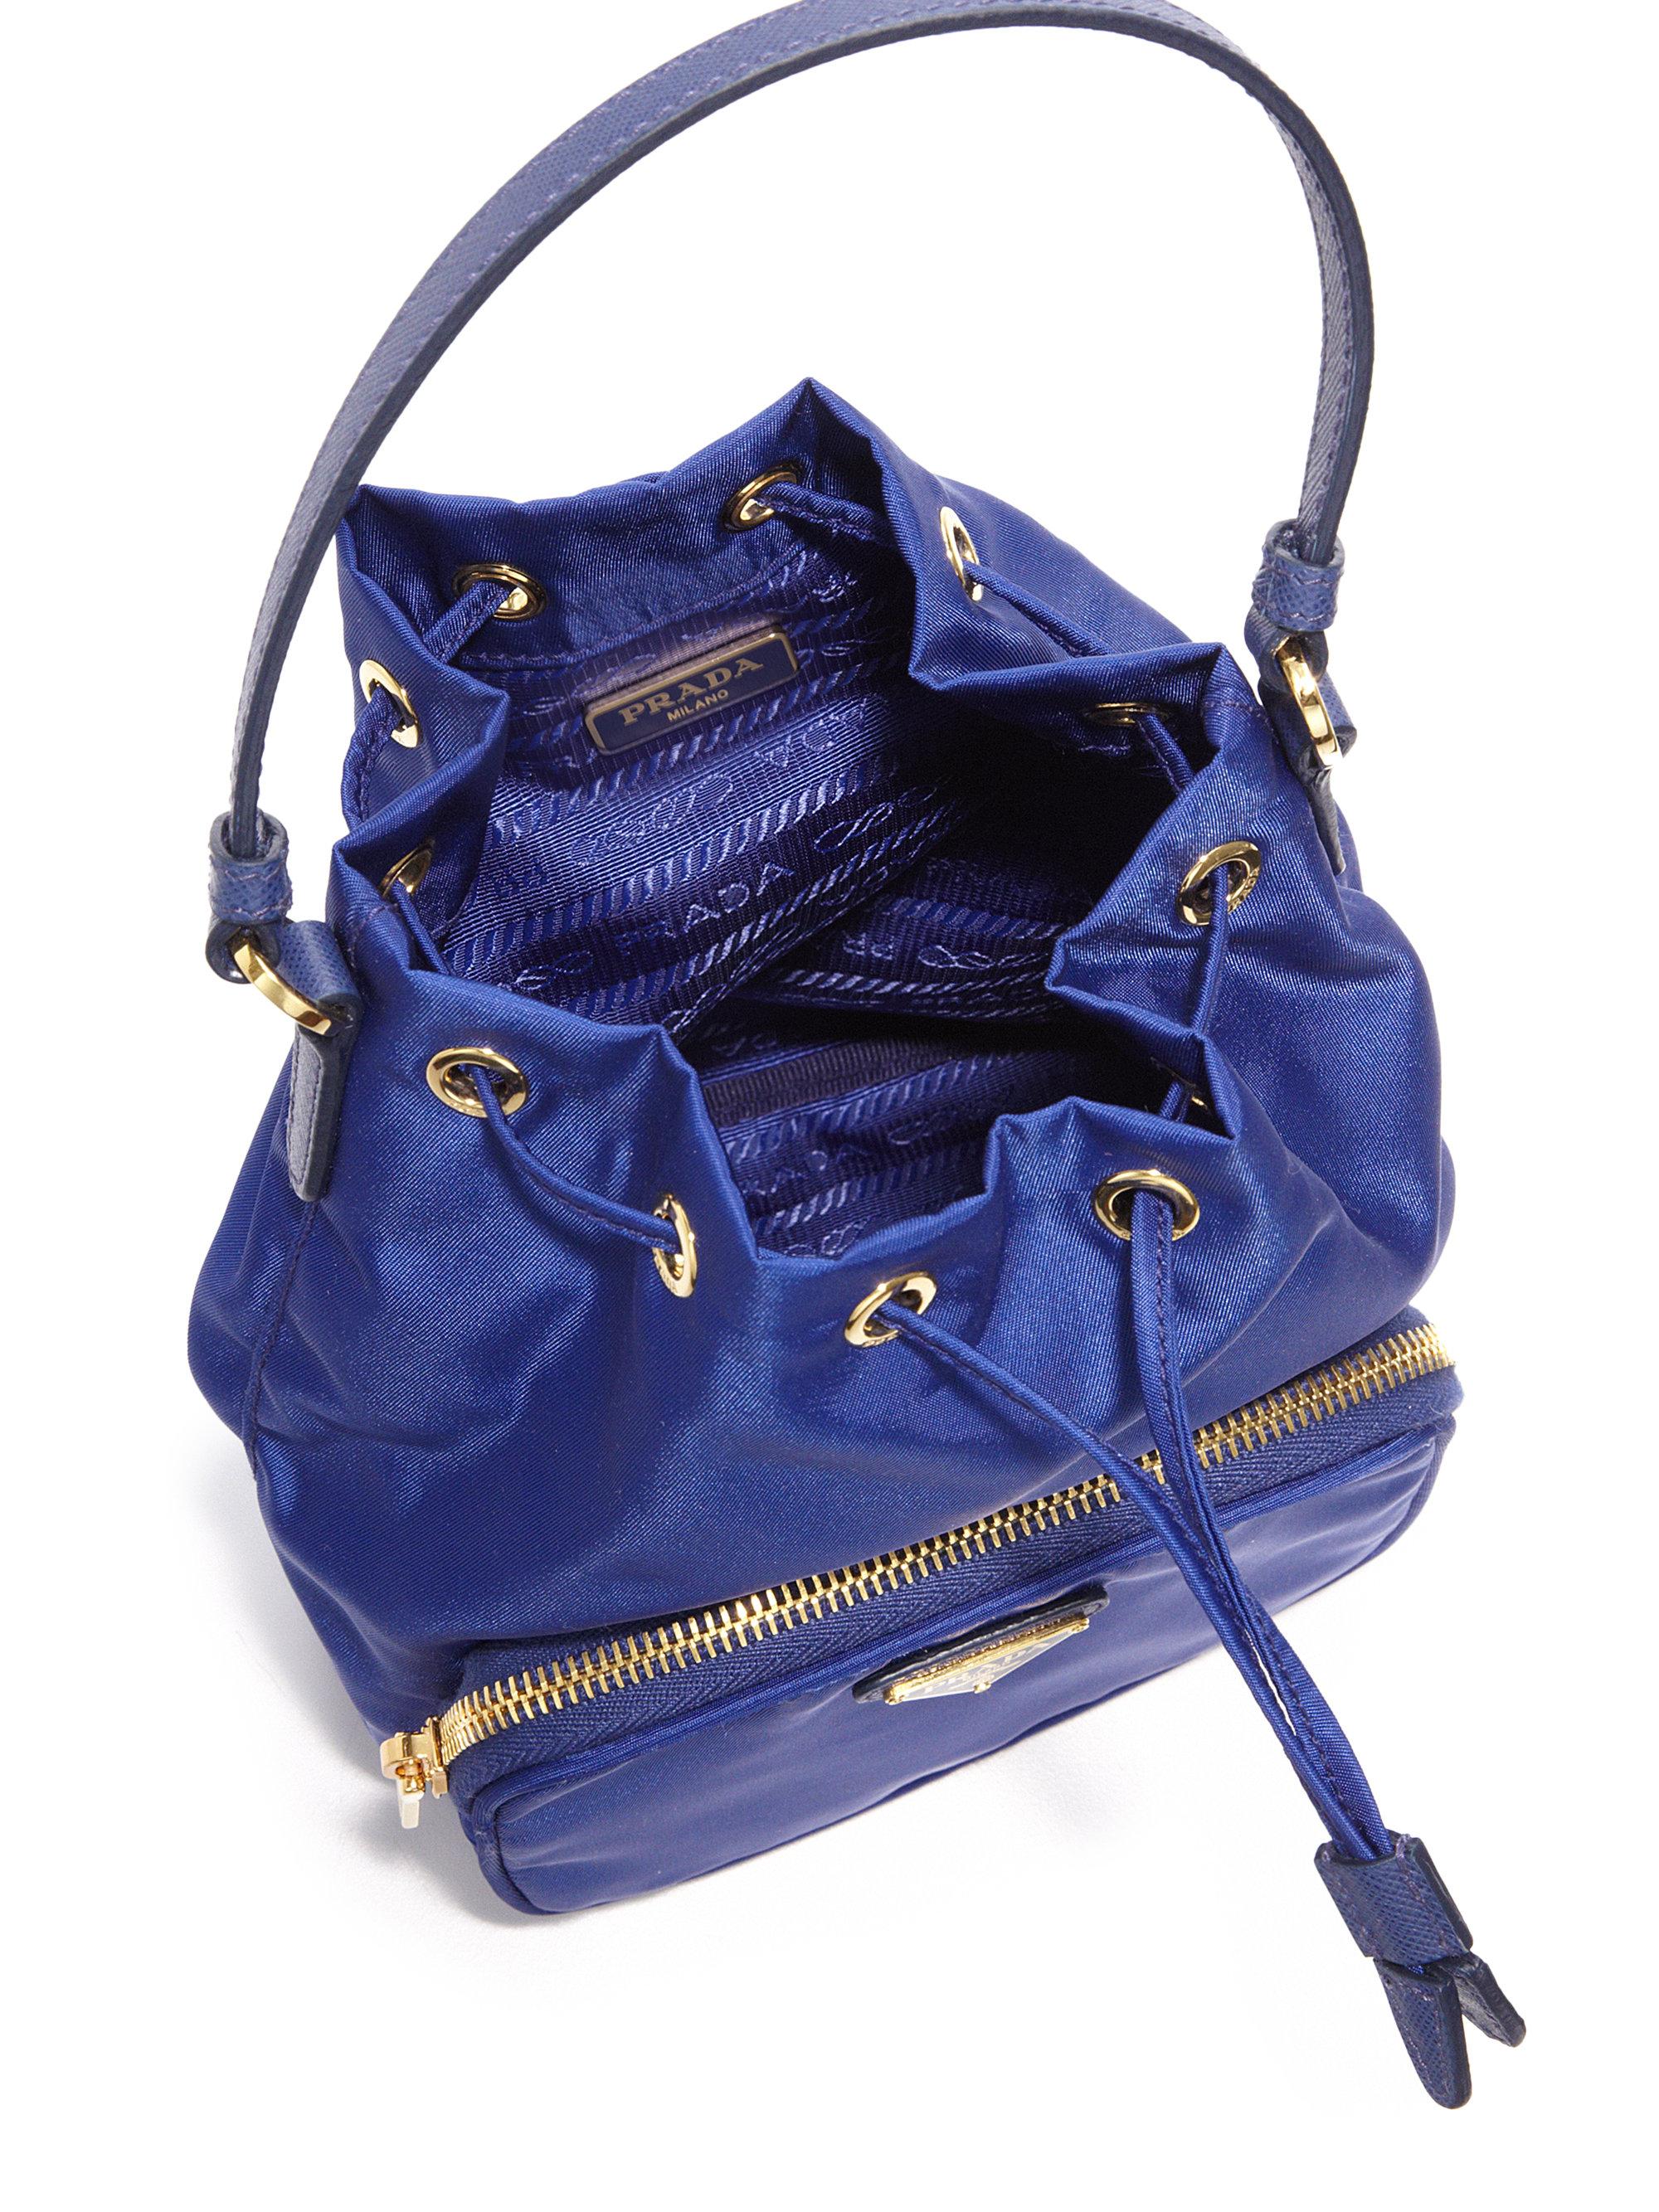 3b3bd31bd197 ... france lyst prada mini nylon and leather bucket bag in blue 22fd4 b9549